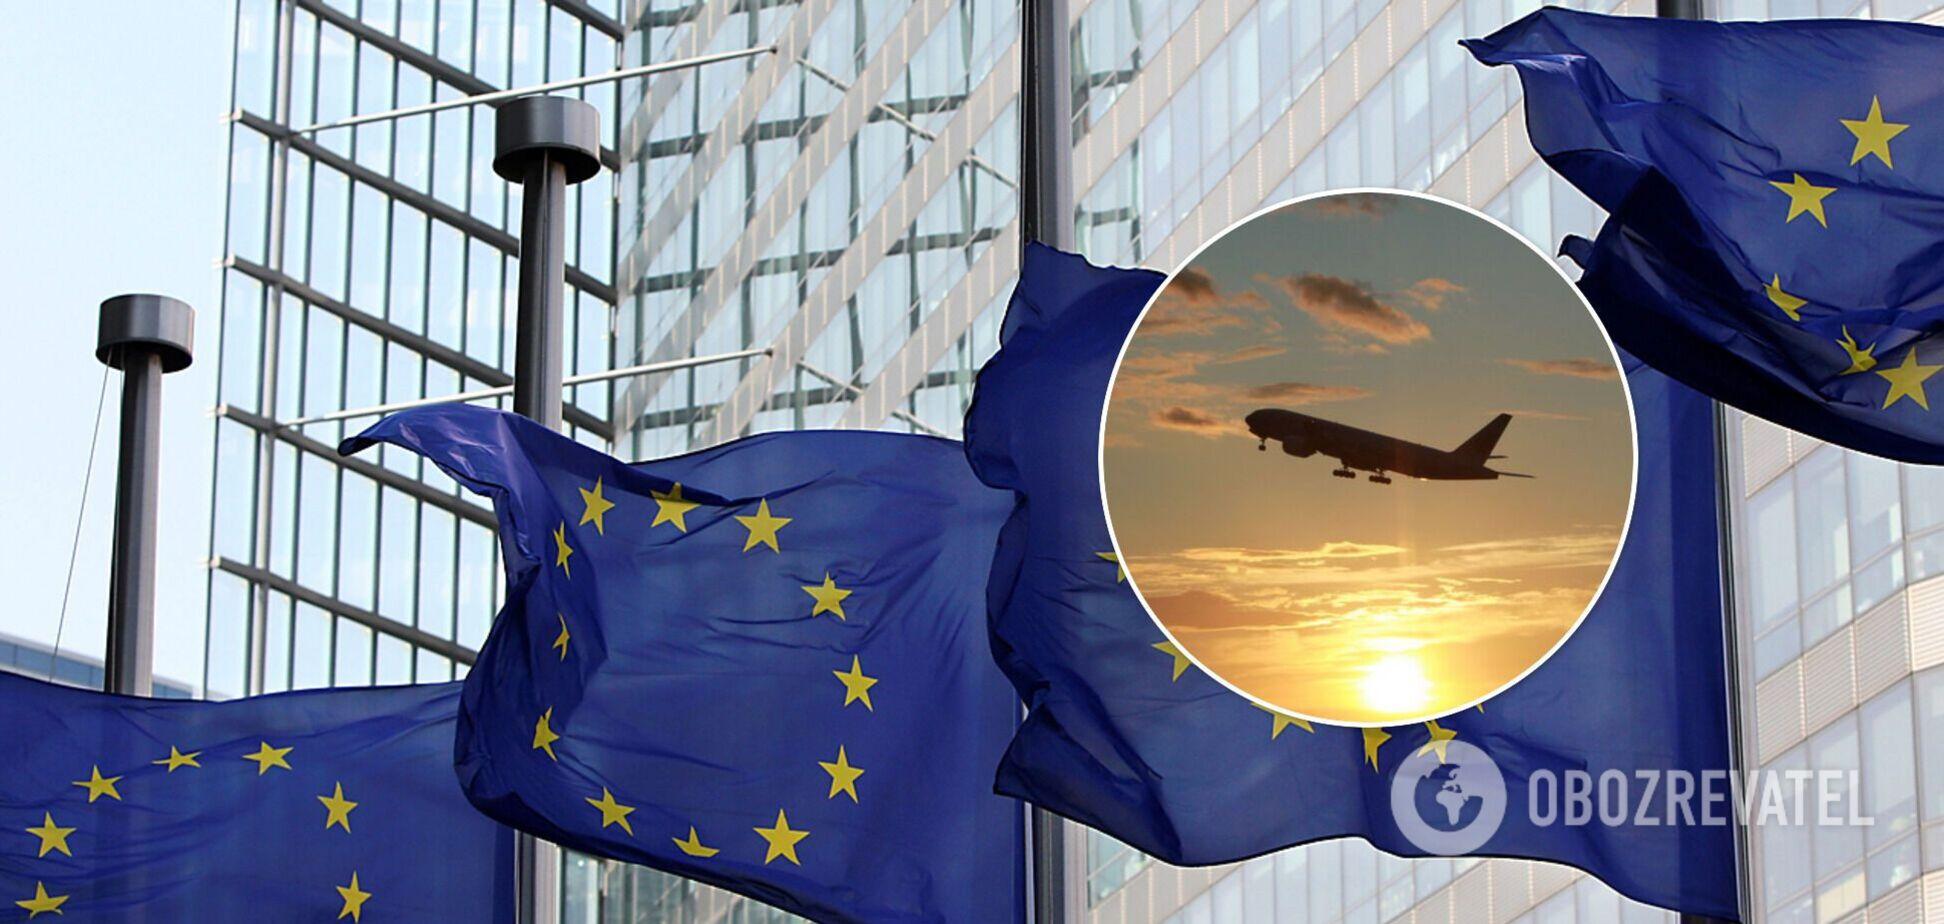 ЕС убрал из 'зеленого' списка две страны: Украина осталась